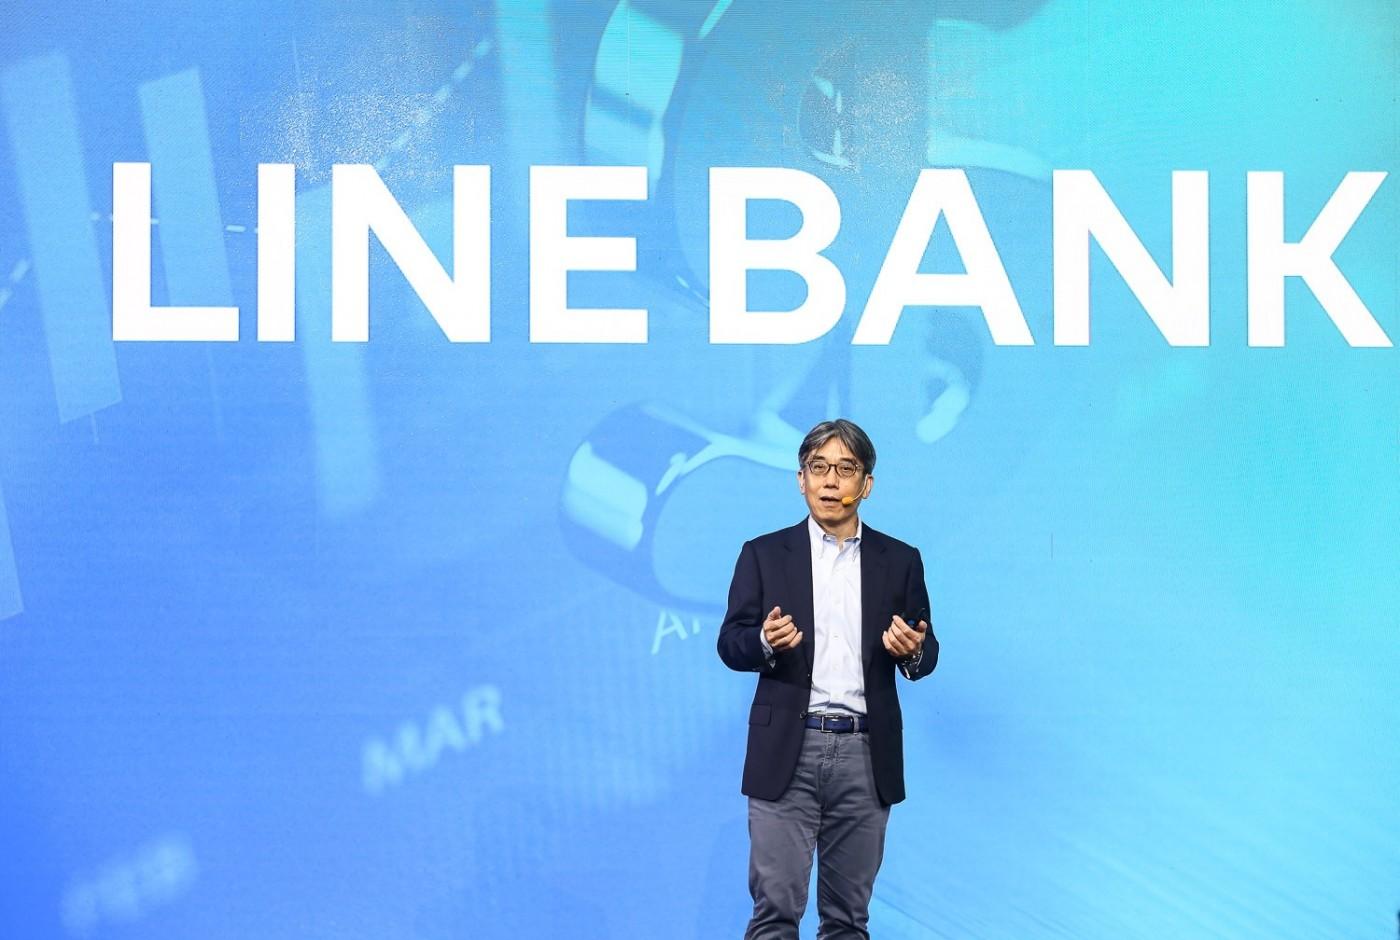 以消費者為中心的信仰——借鏡日本看台灣Line純網銀布局